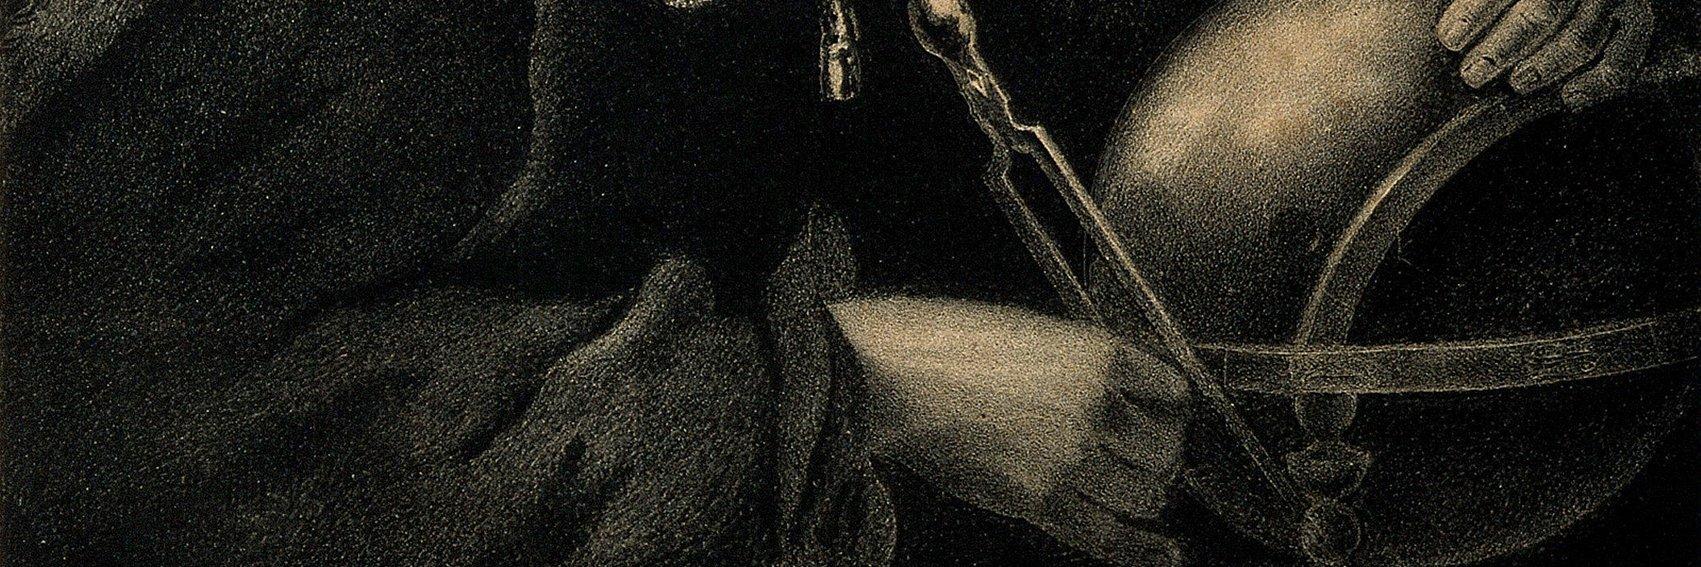 Una altra forma d'explicar la història: profecies, teories conspiratives i explicacions esotèriques